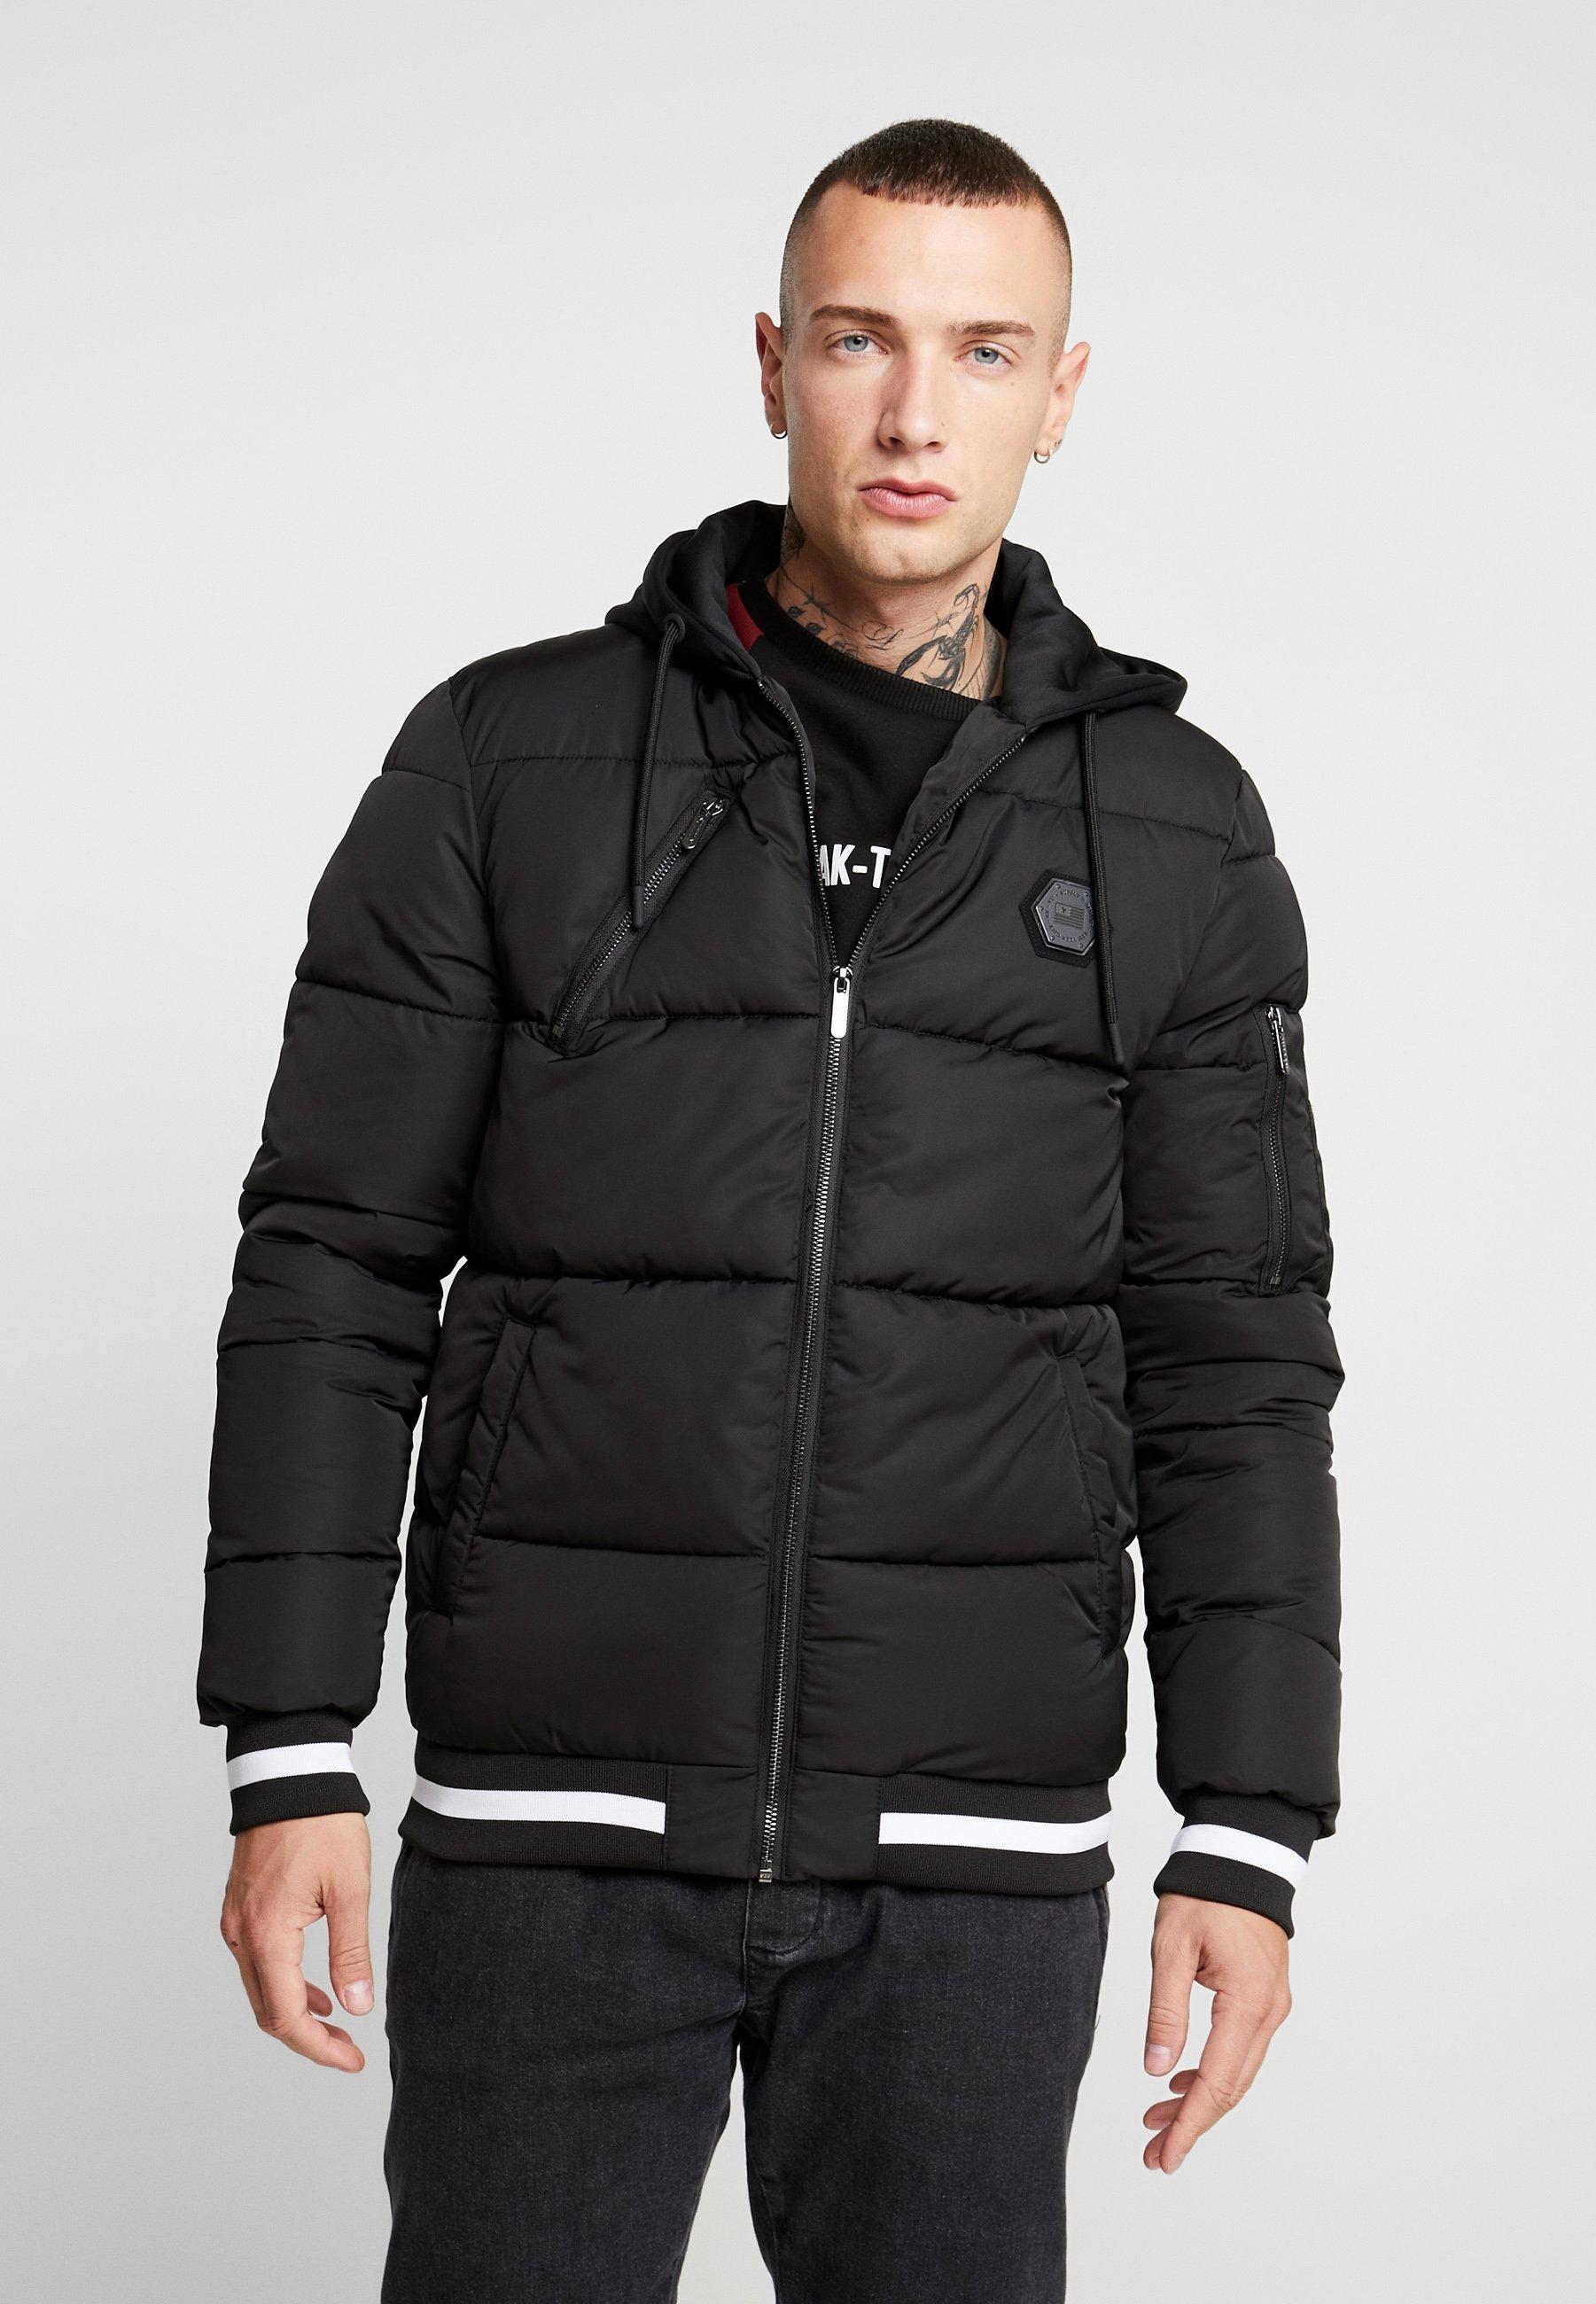 Supply & Demand HARLEY PADDED JACKET - Veste d'hiver black